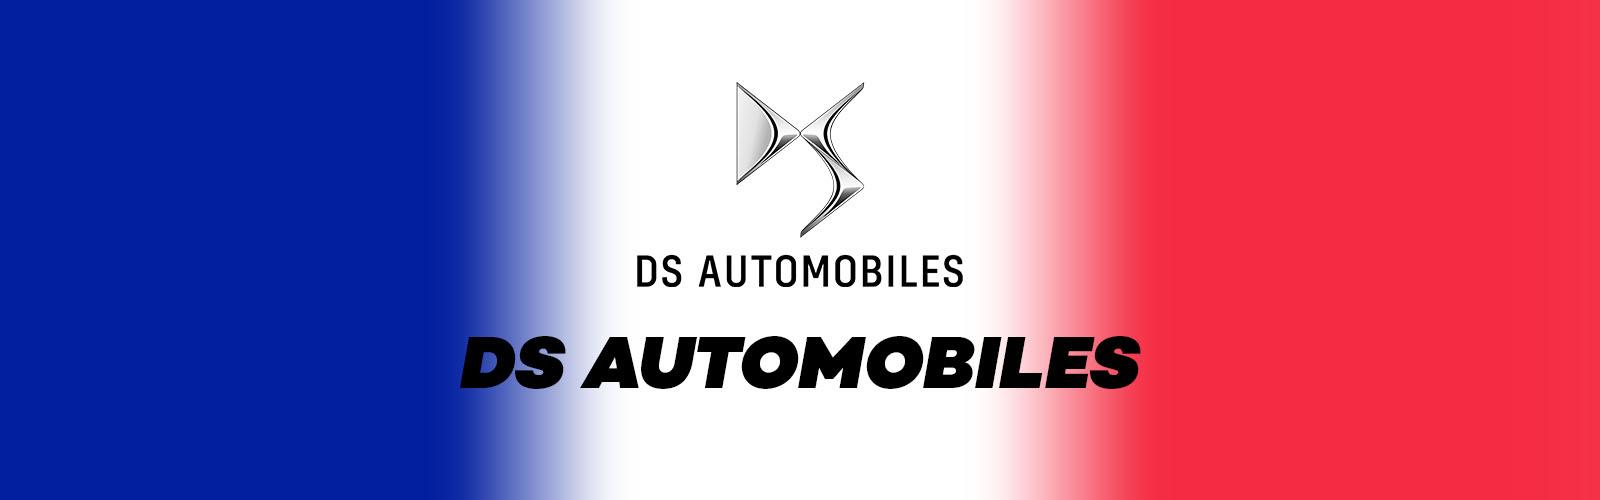 DS Automobiles logo marque